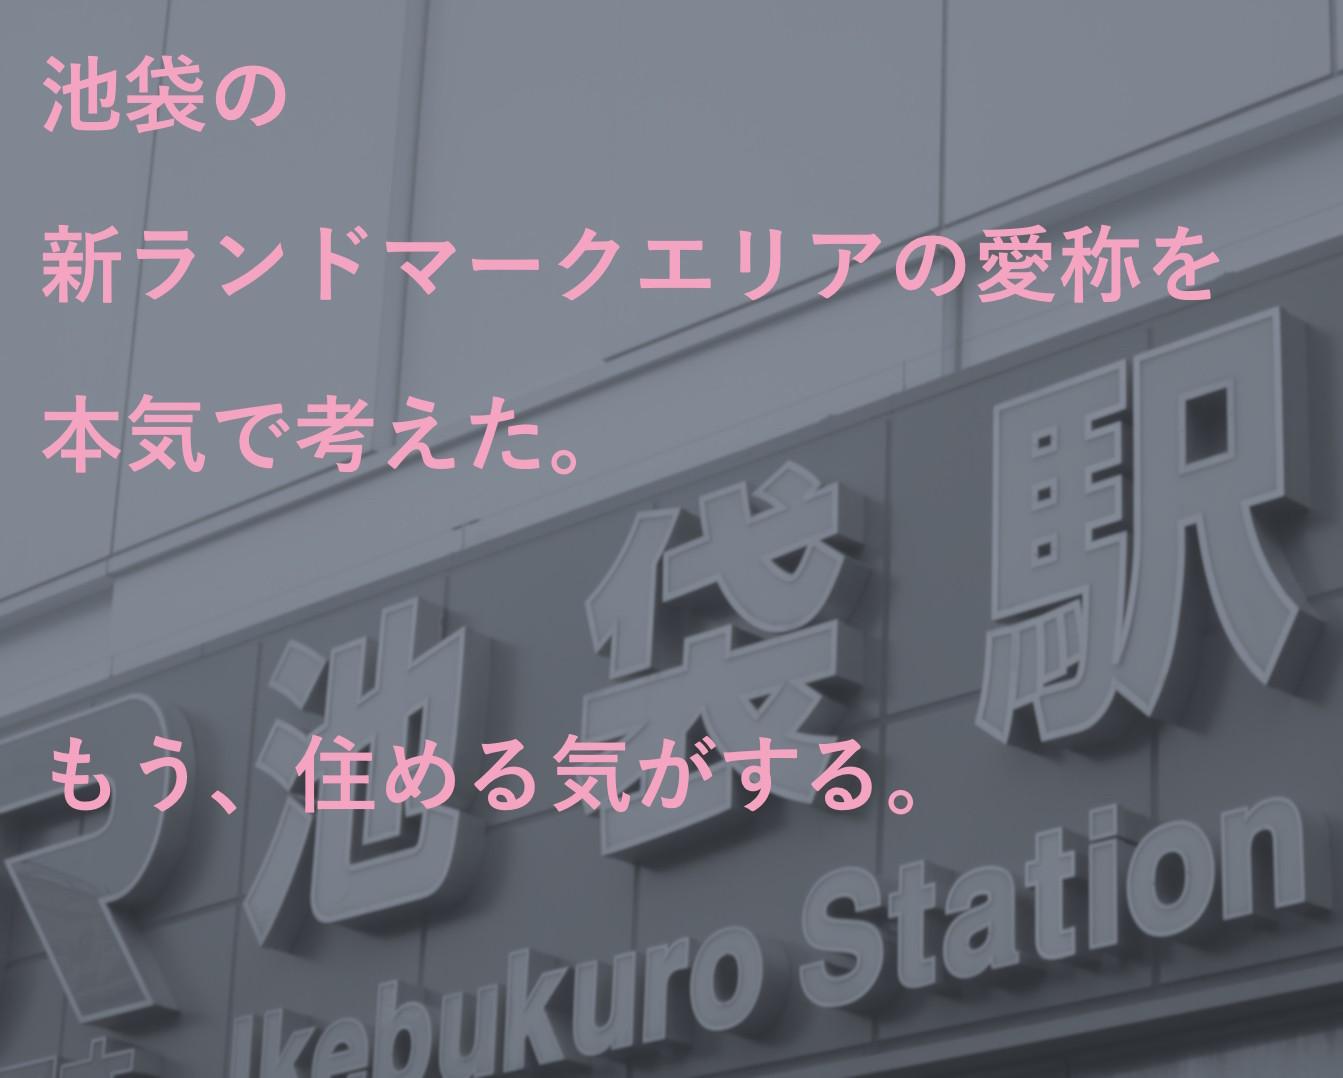 豊島区庁舎跡地エリアの愛称募集|言葉の力で、沖縄へいく!